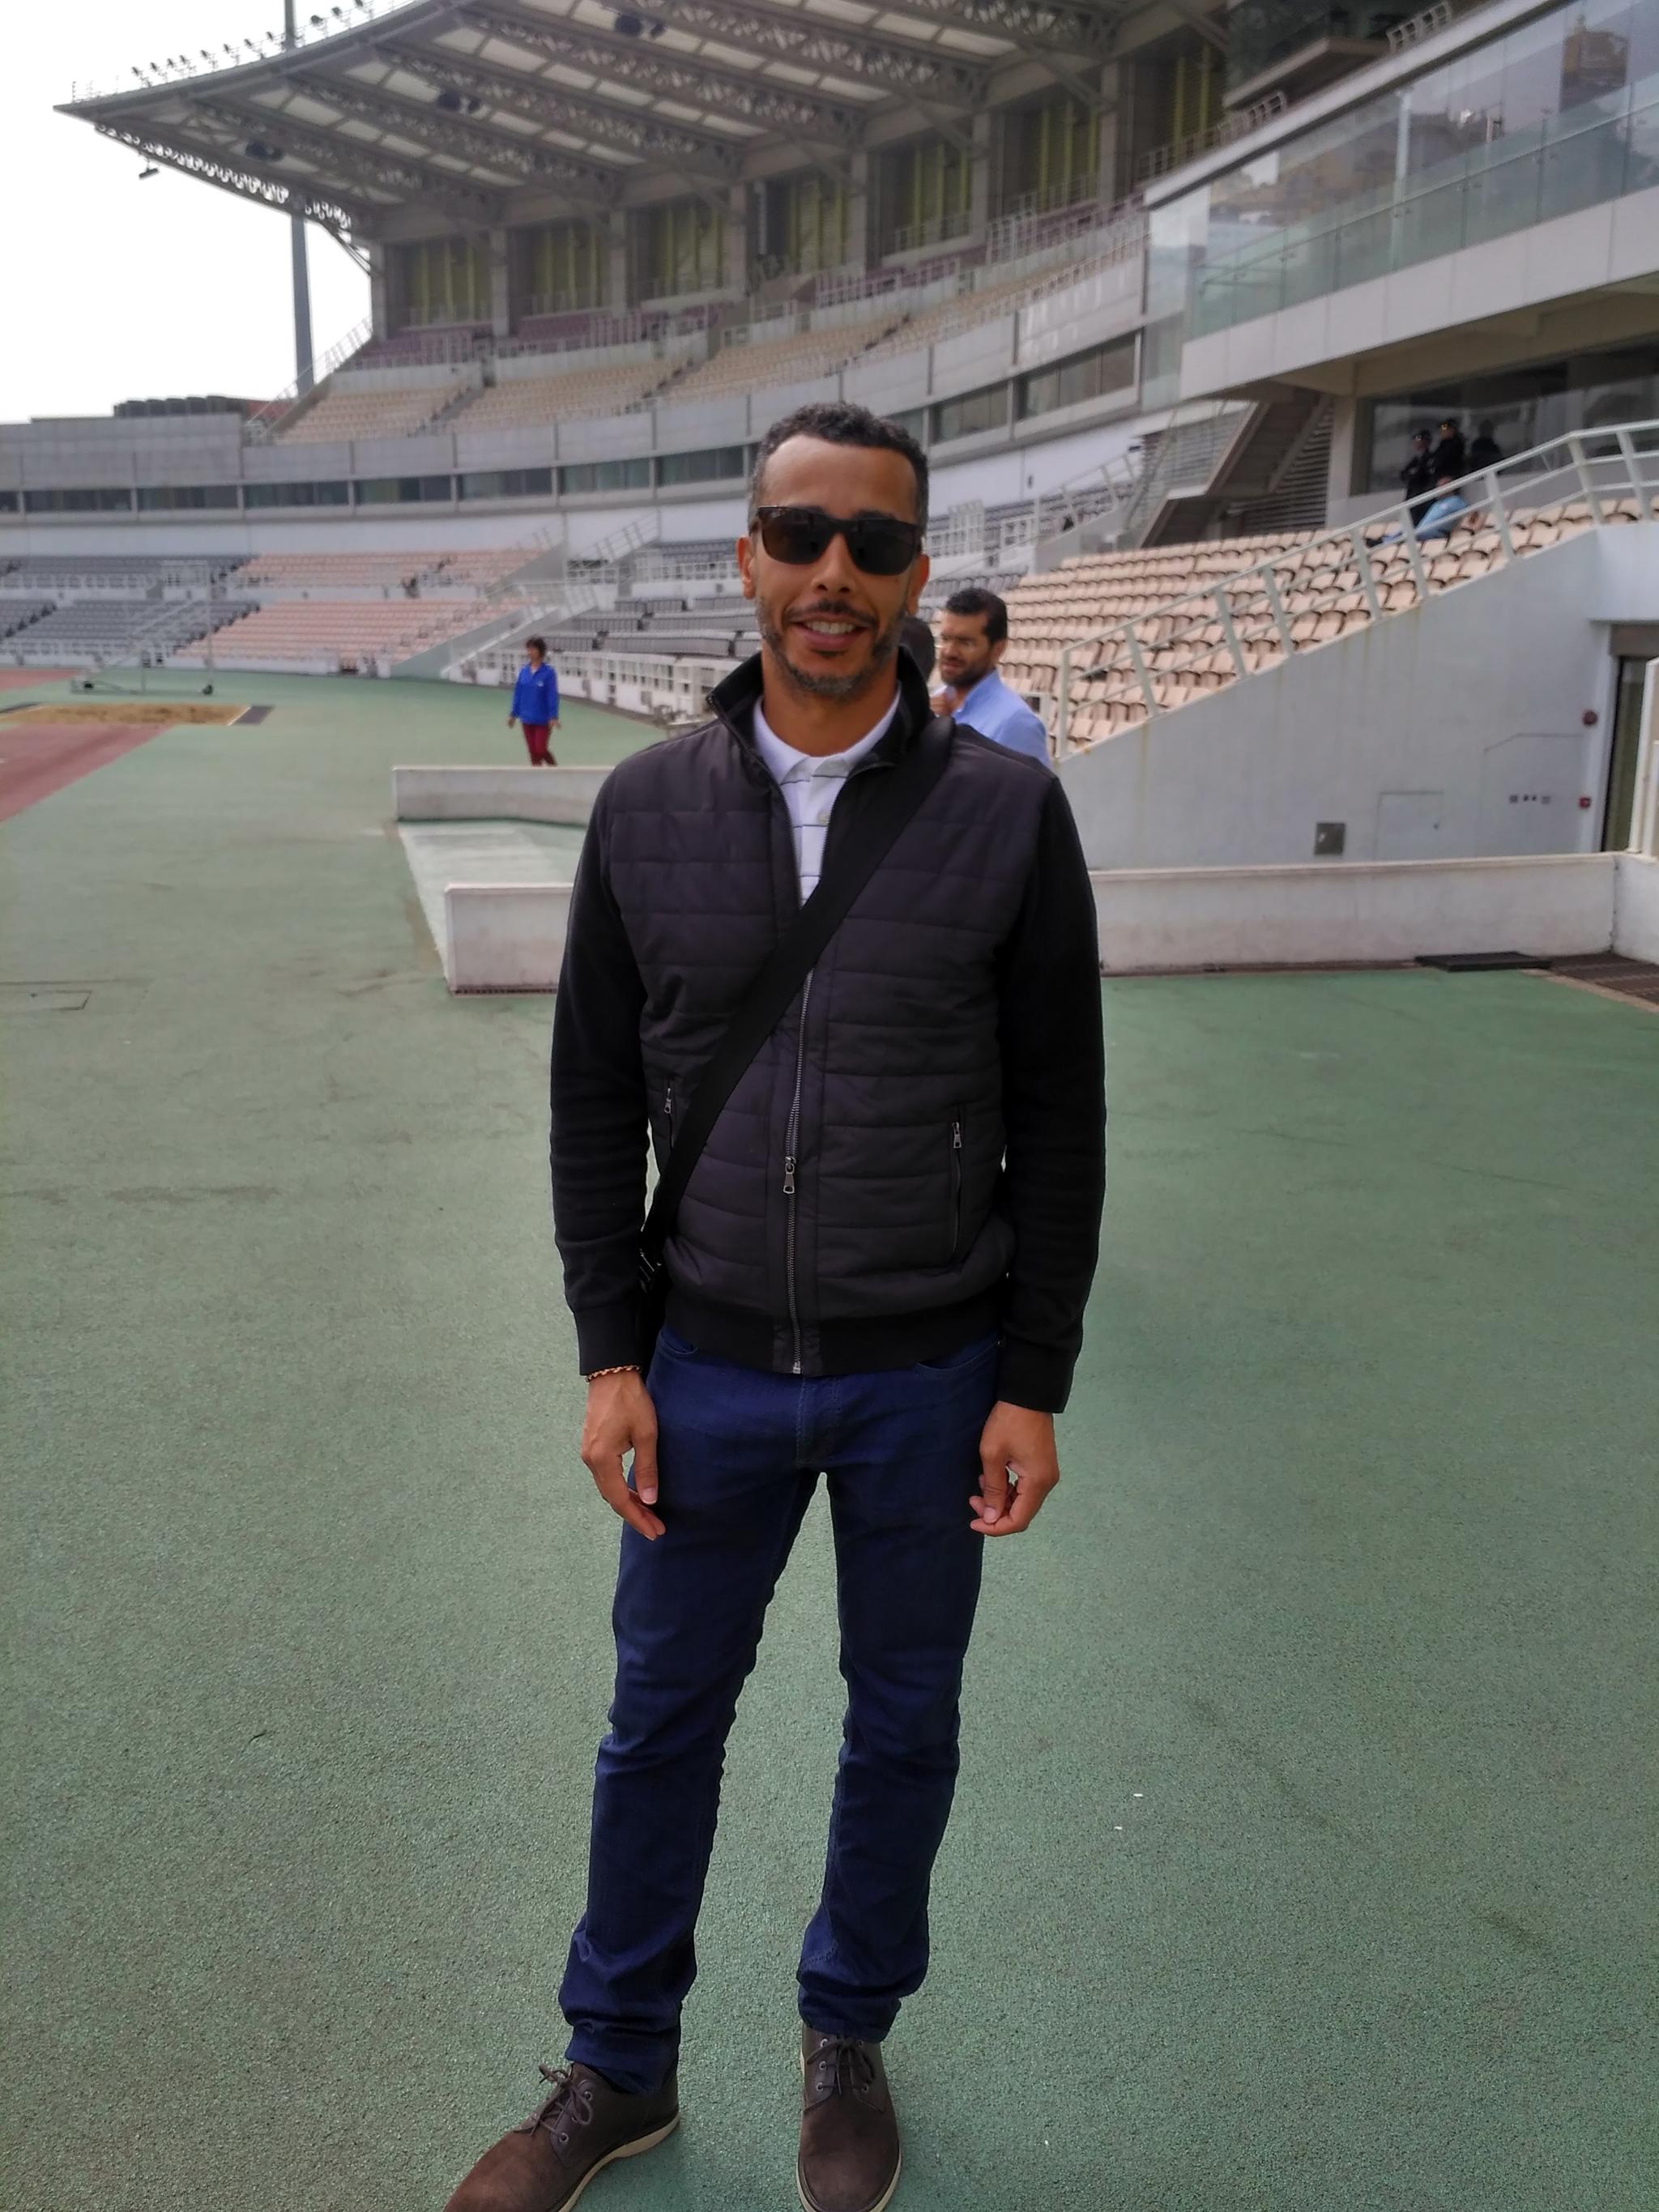 Agente promete estar atento a atletas de Macau